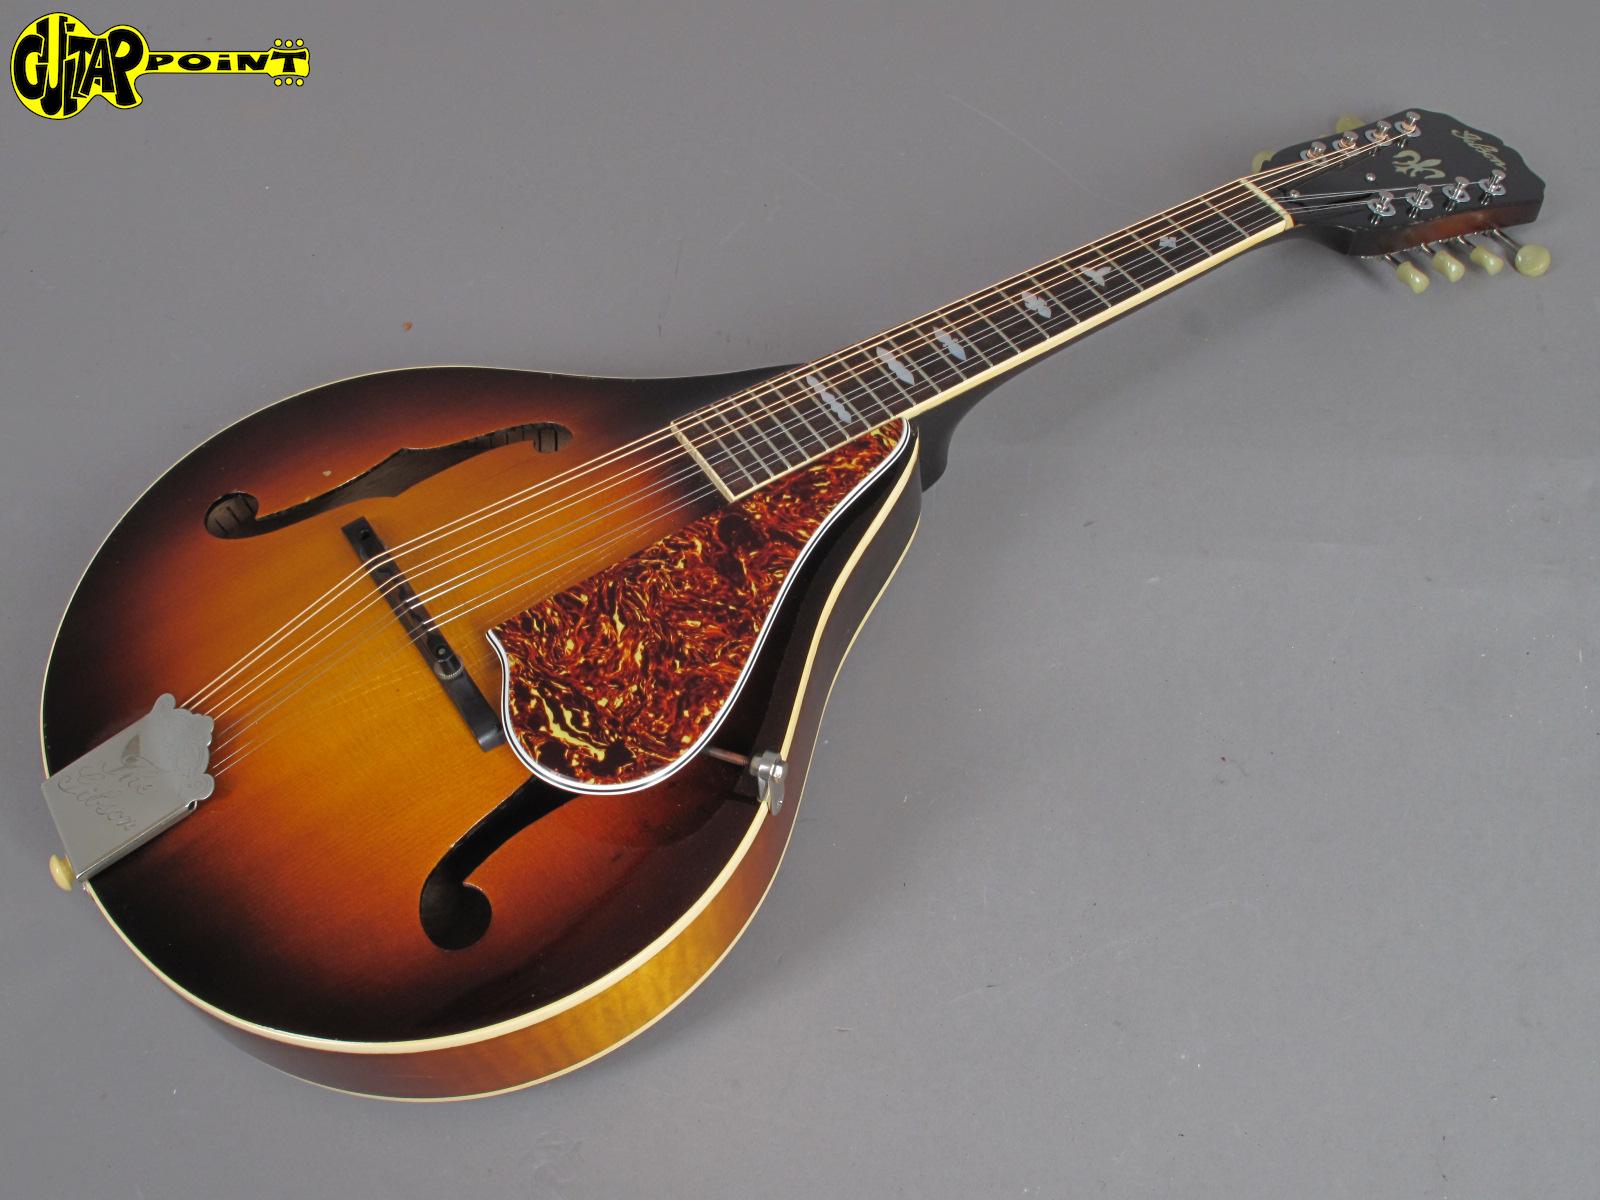 https://guitarpoint.de/app/uploads/products/1939-gibson-a50-mandolin/Gibson39A-50Mando_7.jpg